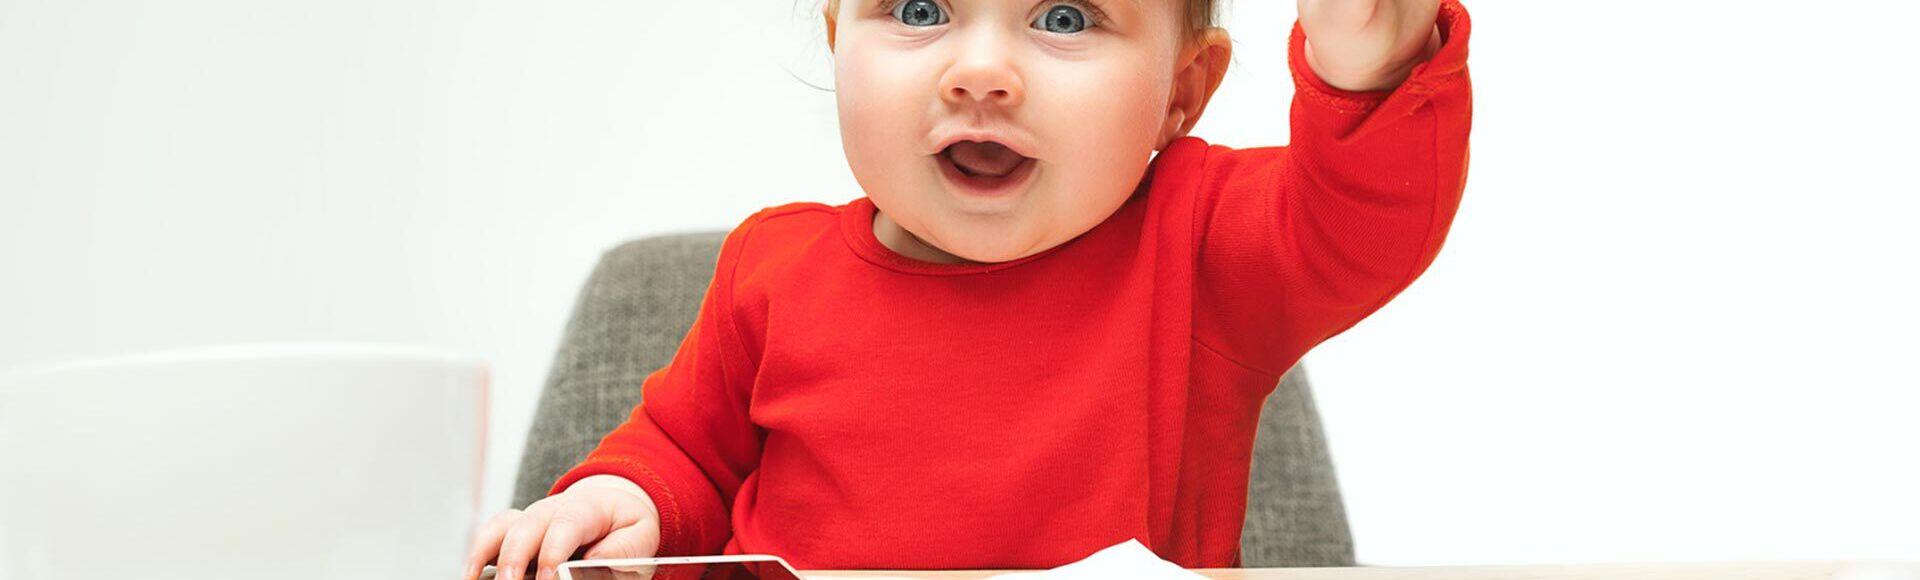 Objetos y juguetes que los bebés no deben compartir